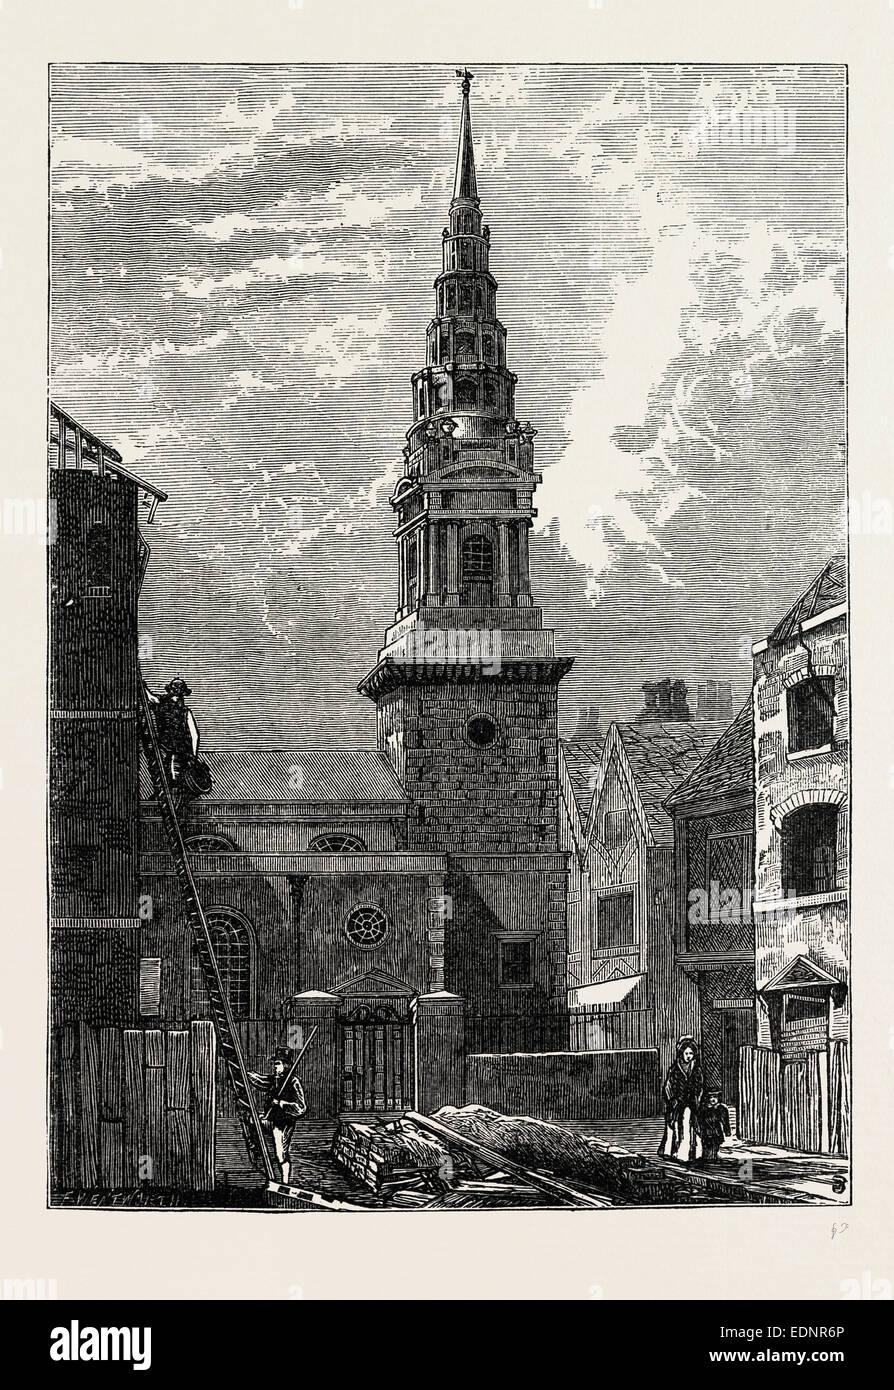 ST. BRIDE'S CHURCH, FLEET STREET, AFTER THE FIRE, 1824 ...